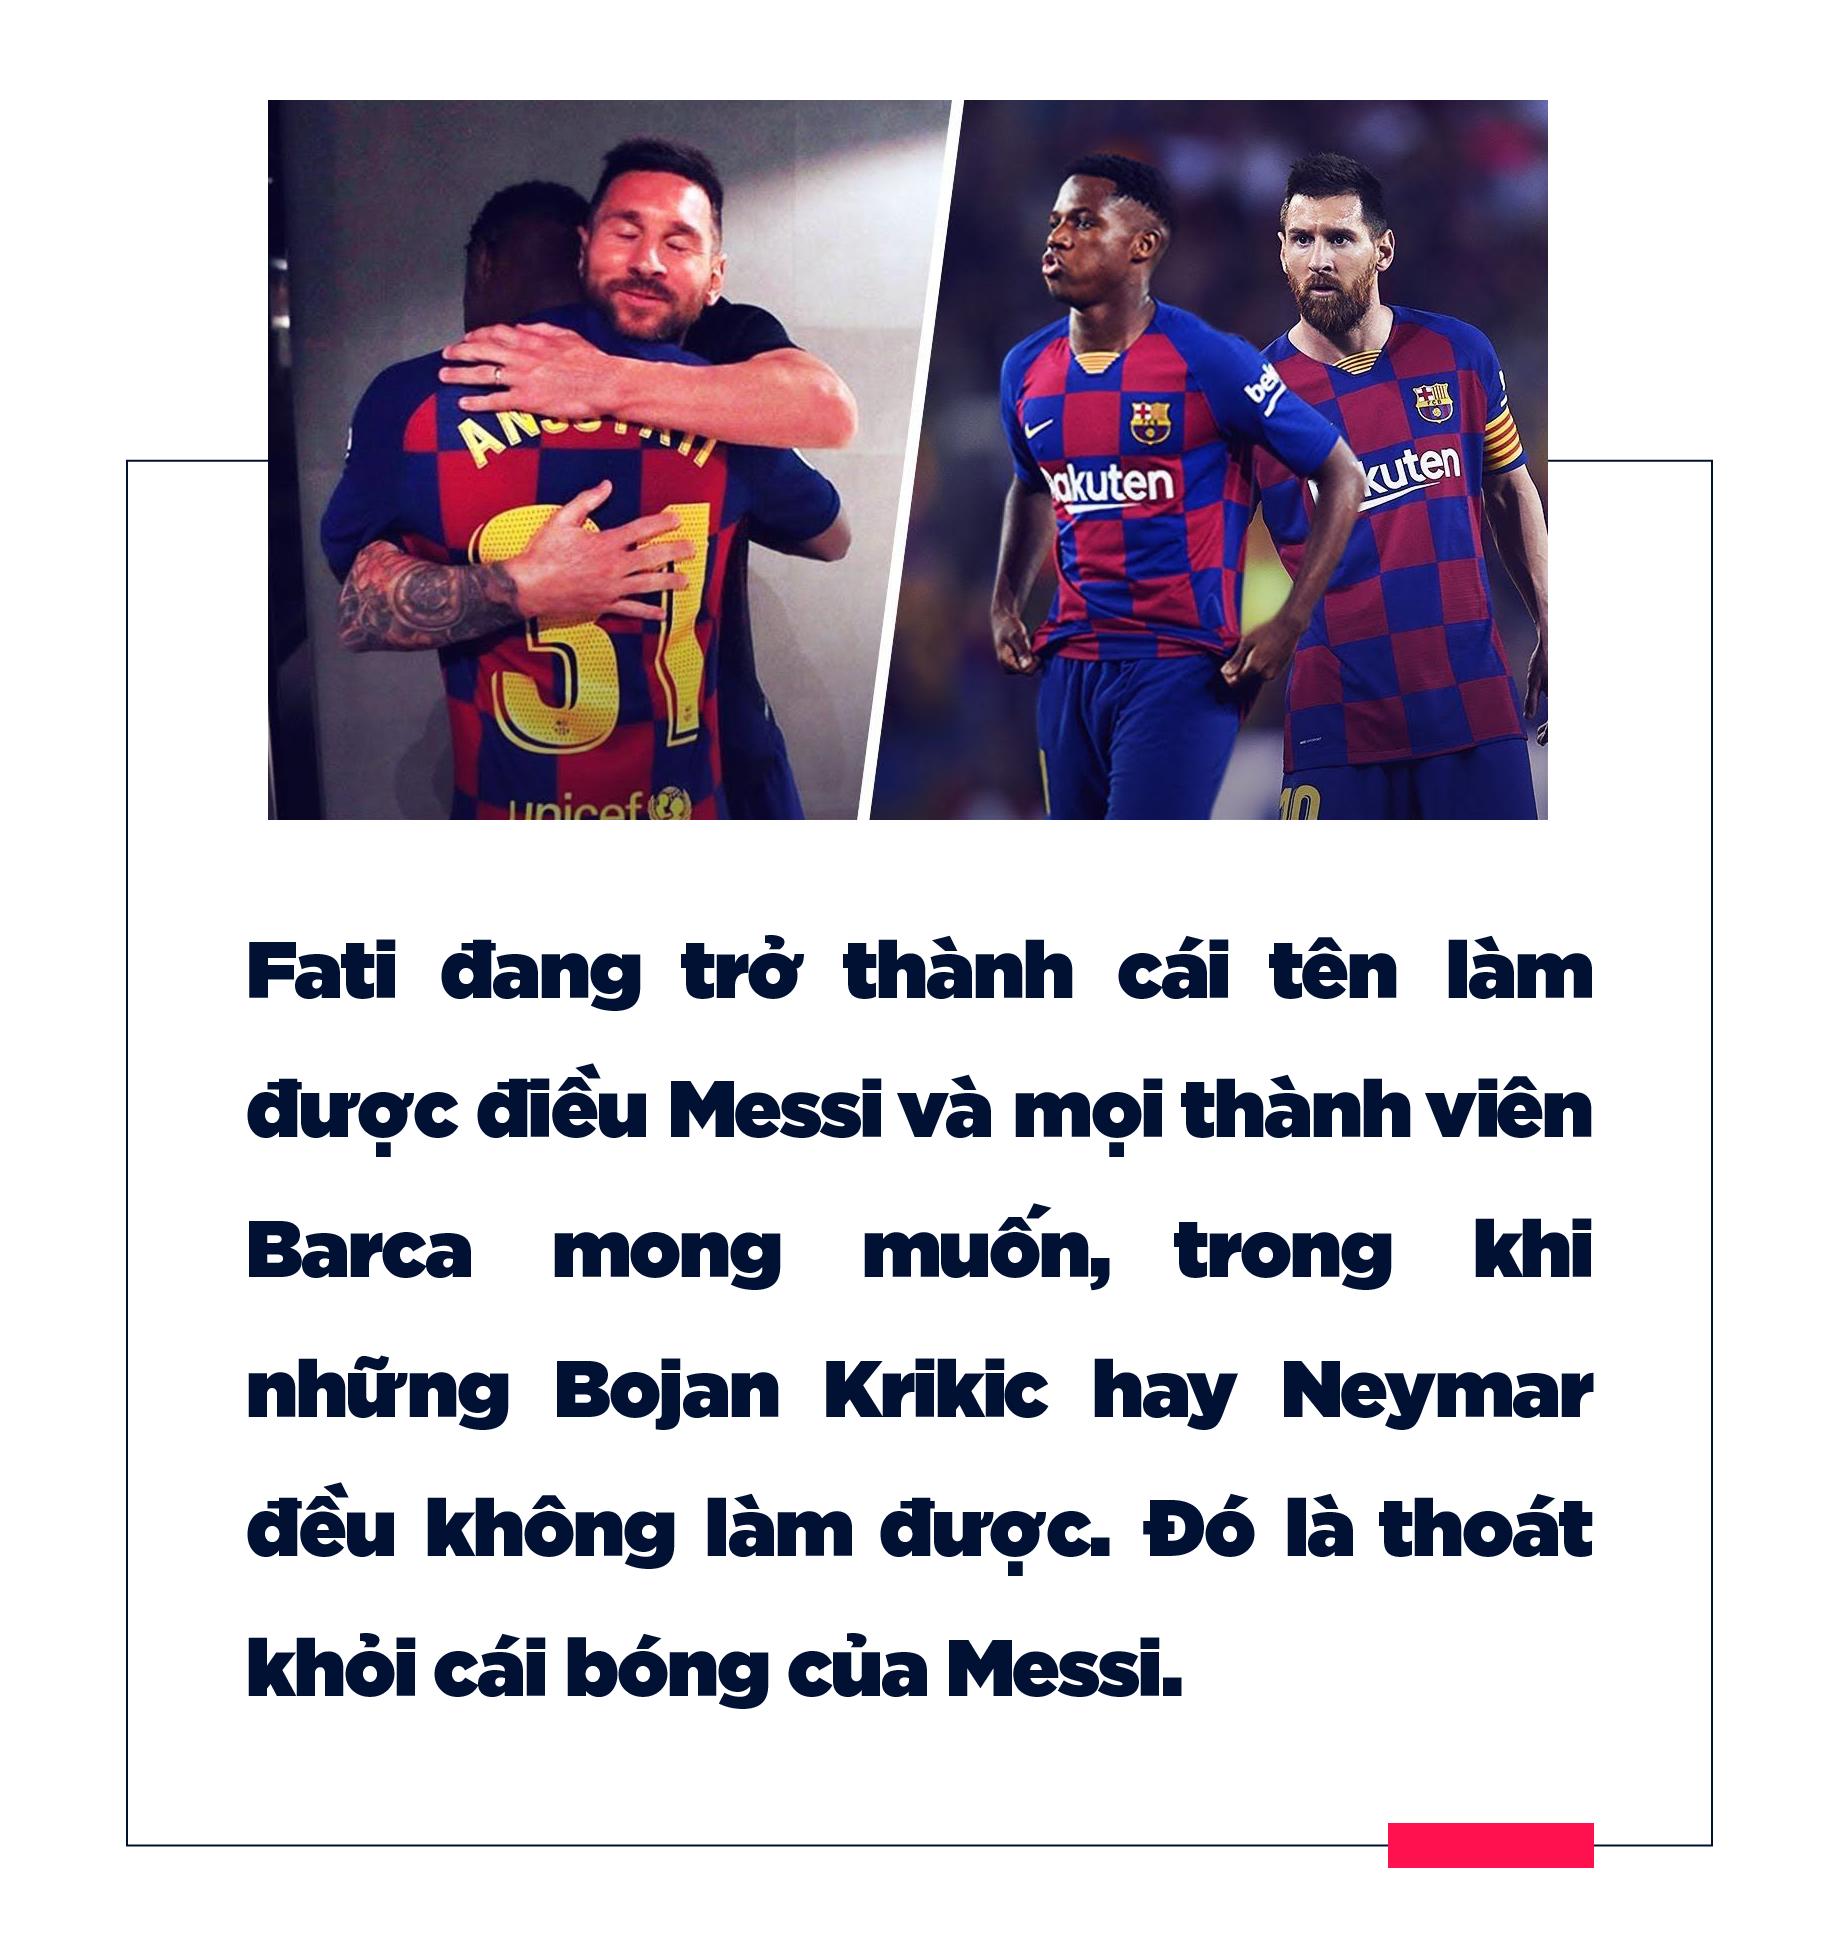 Ansu Fati: Từ giấc mơ Chapi đến ước vọng về một Messi đệ nhị của người Catalonia - Ảnh 10.